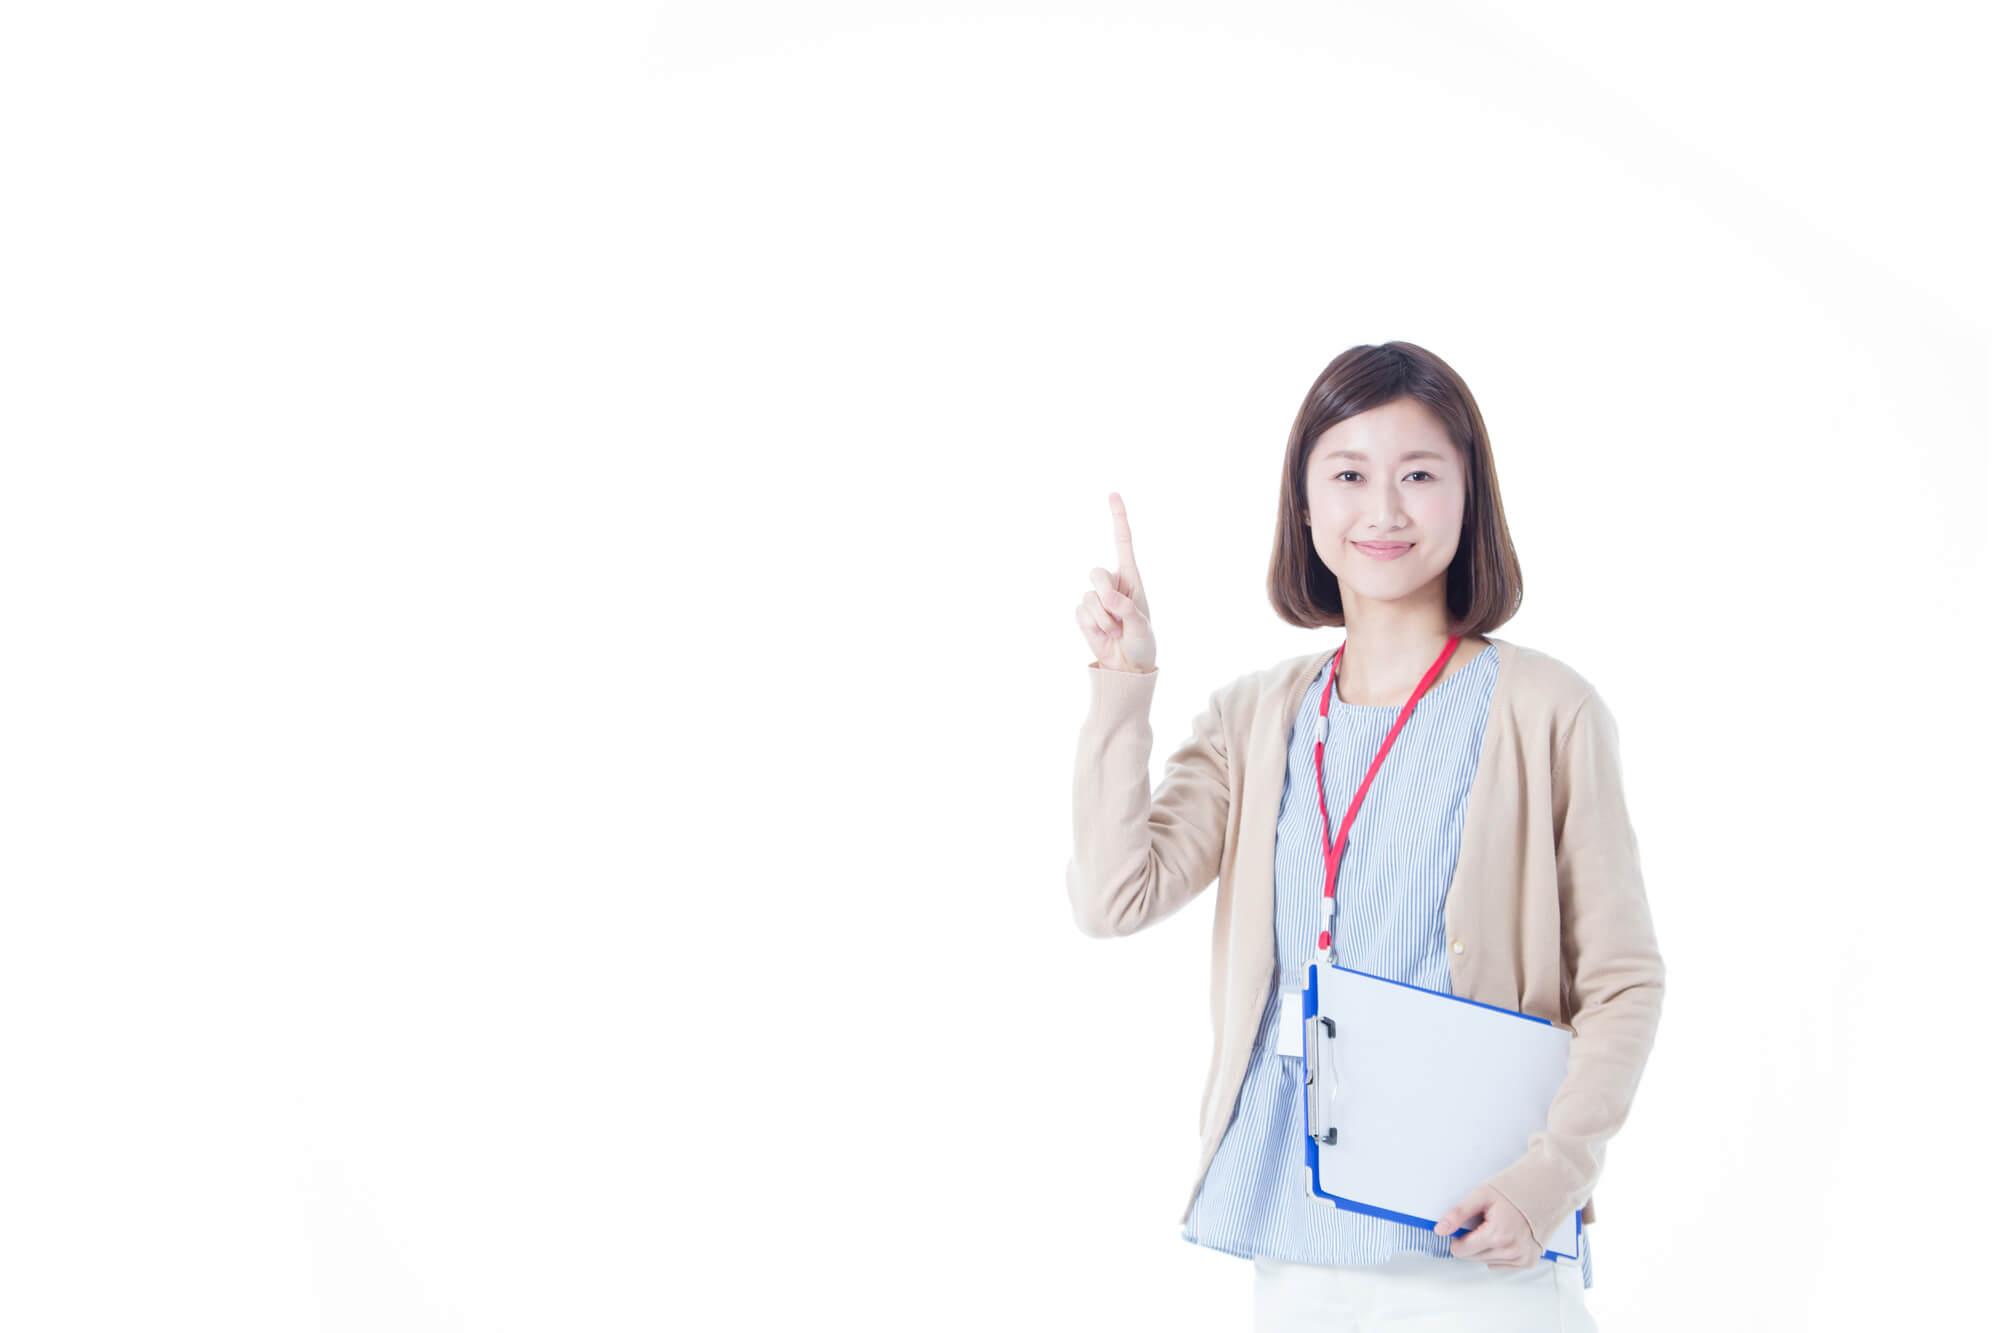 バイト履歴書 主婦主夫 学歴職歴